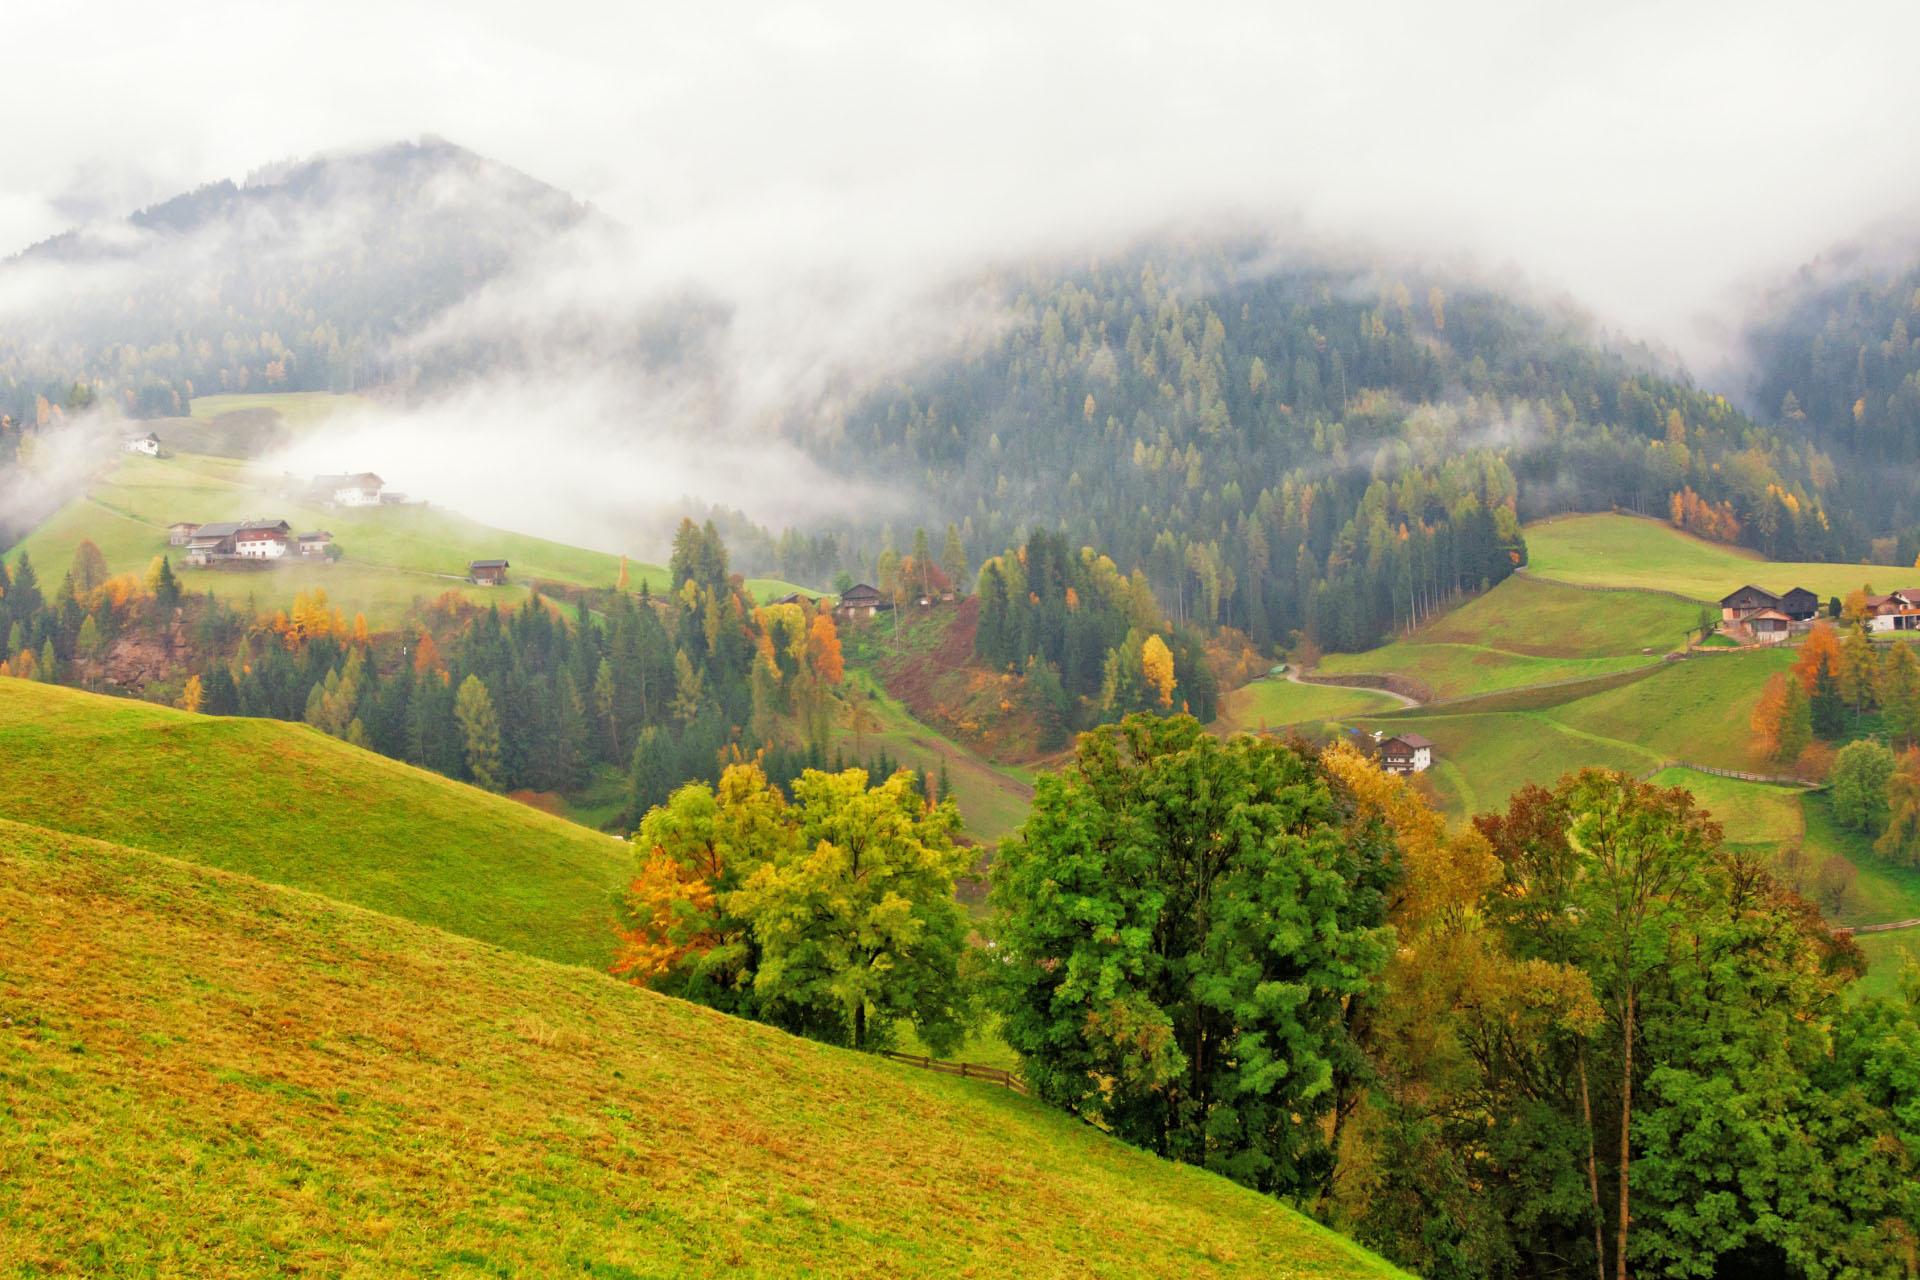 秋の南チロル イタリアの秋の風景